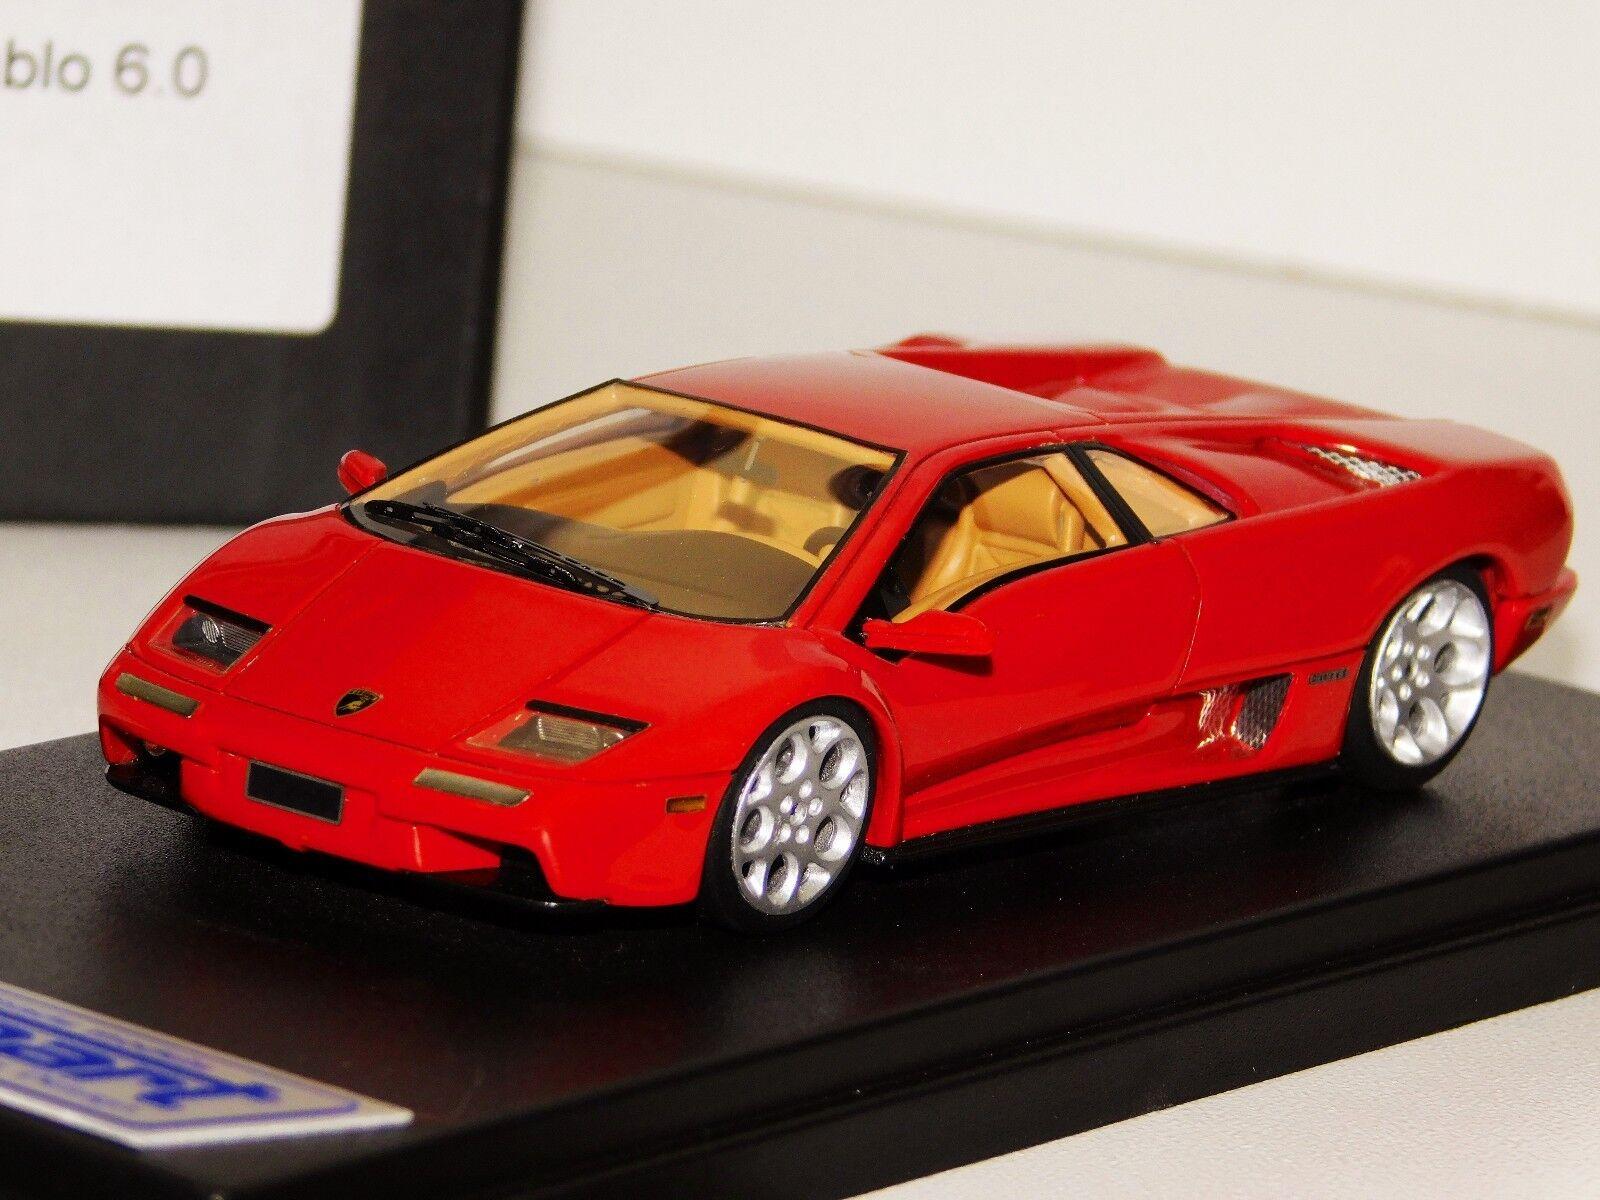 scelte con prezzo basso LAMBORGHINI DIABLO 6.0 rosso guardaSMART LS338B LS338B LS338B 1 43  marchio famoso